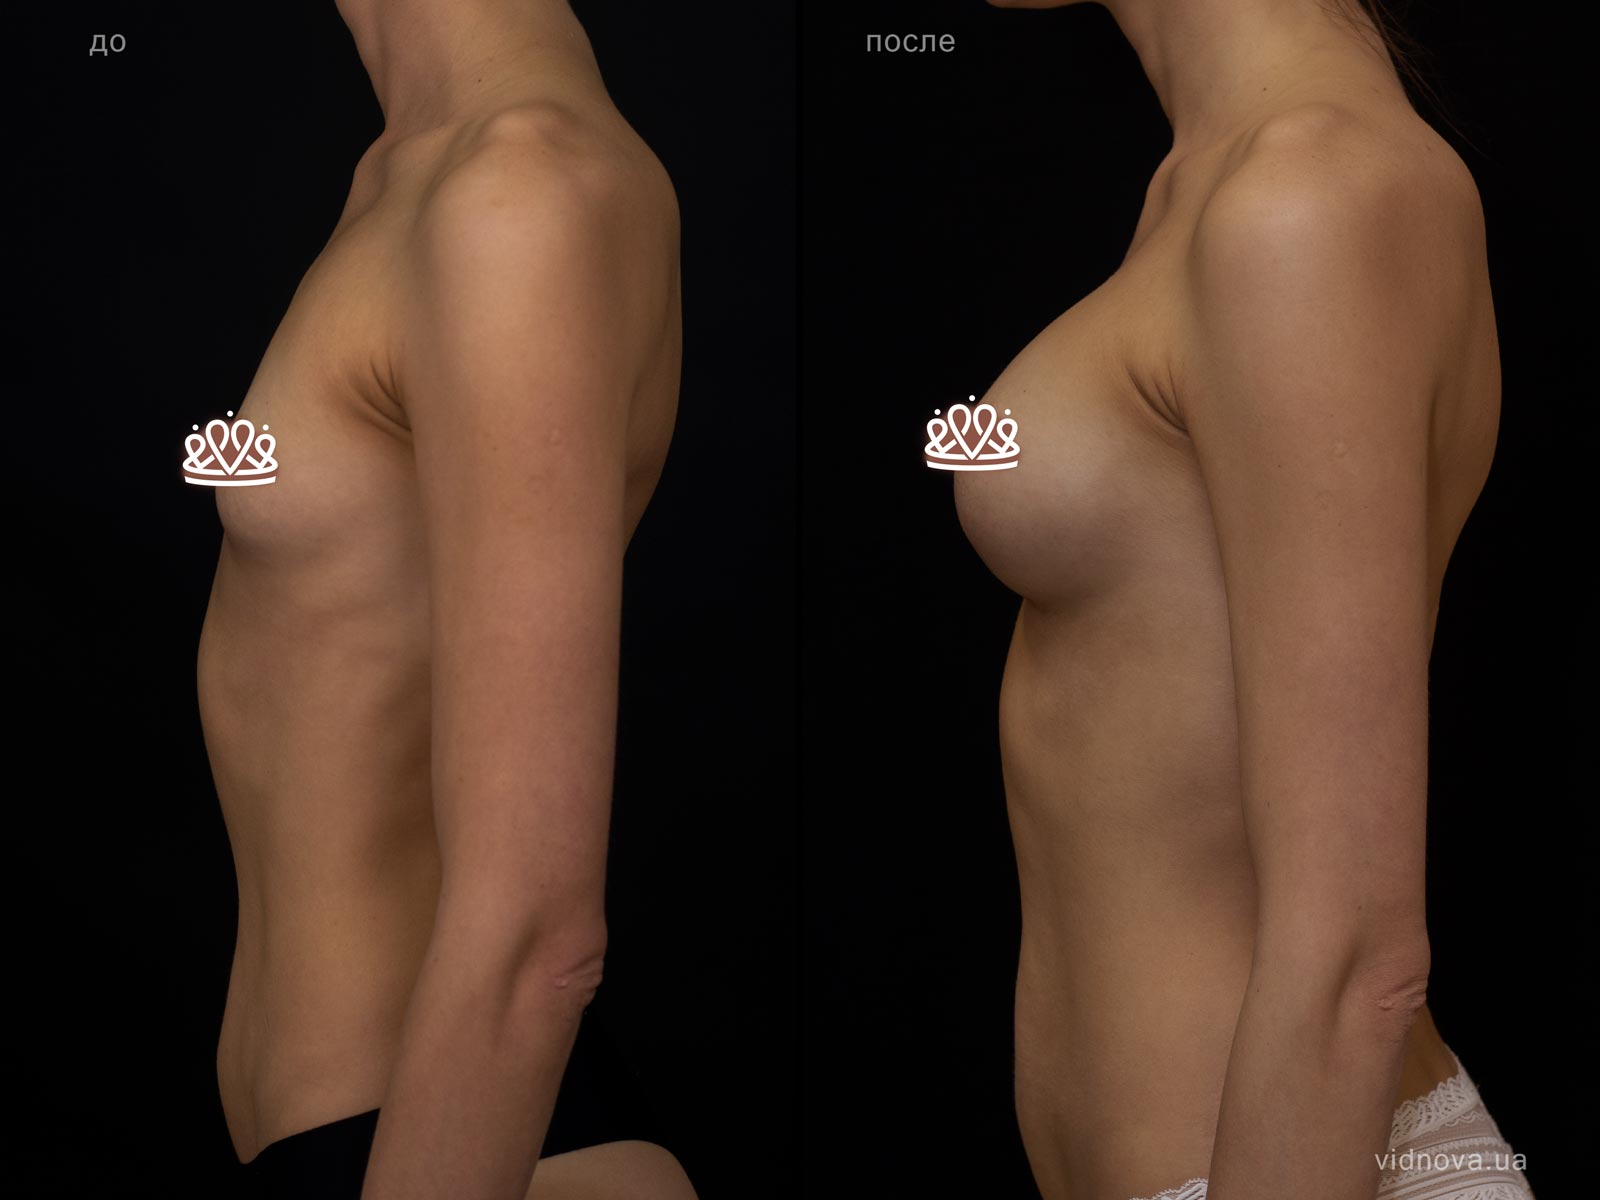 Пластика груди: результаты до и после - Пример №119-2 - Светлана Работенко